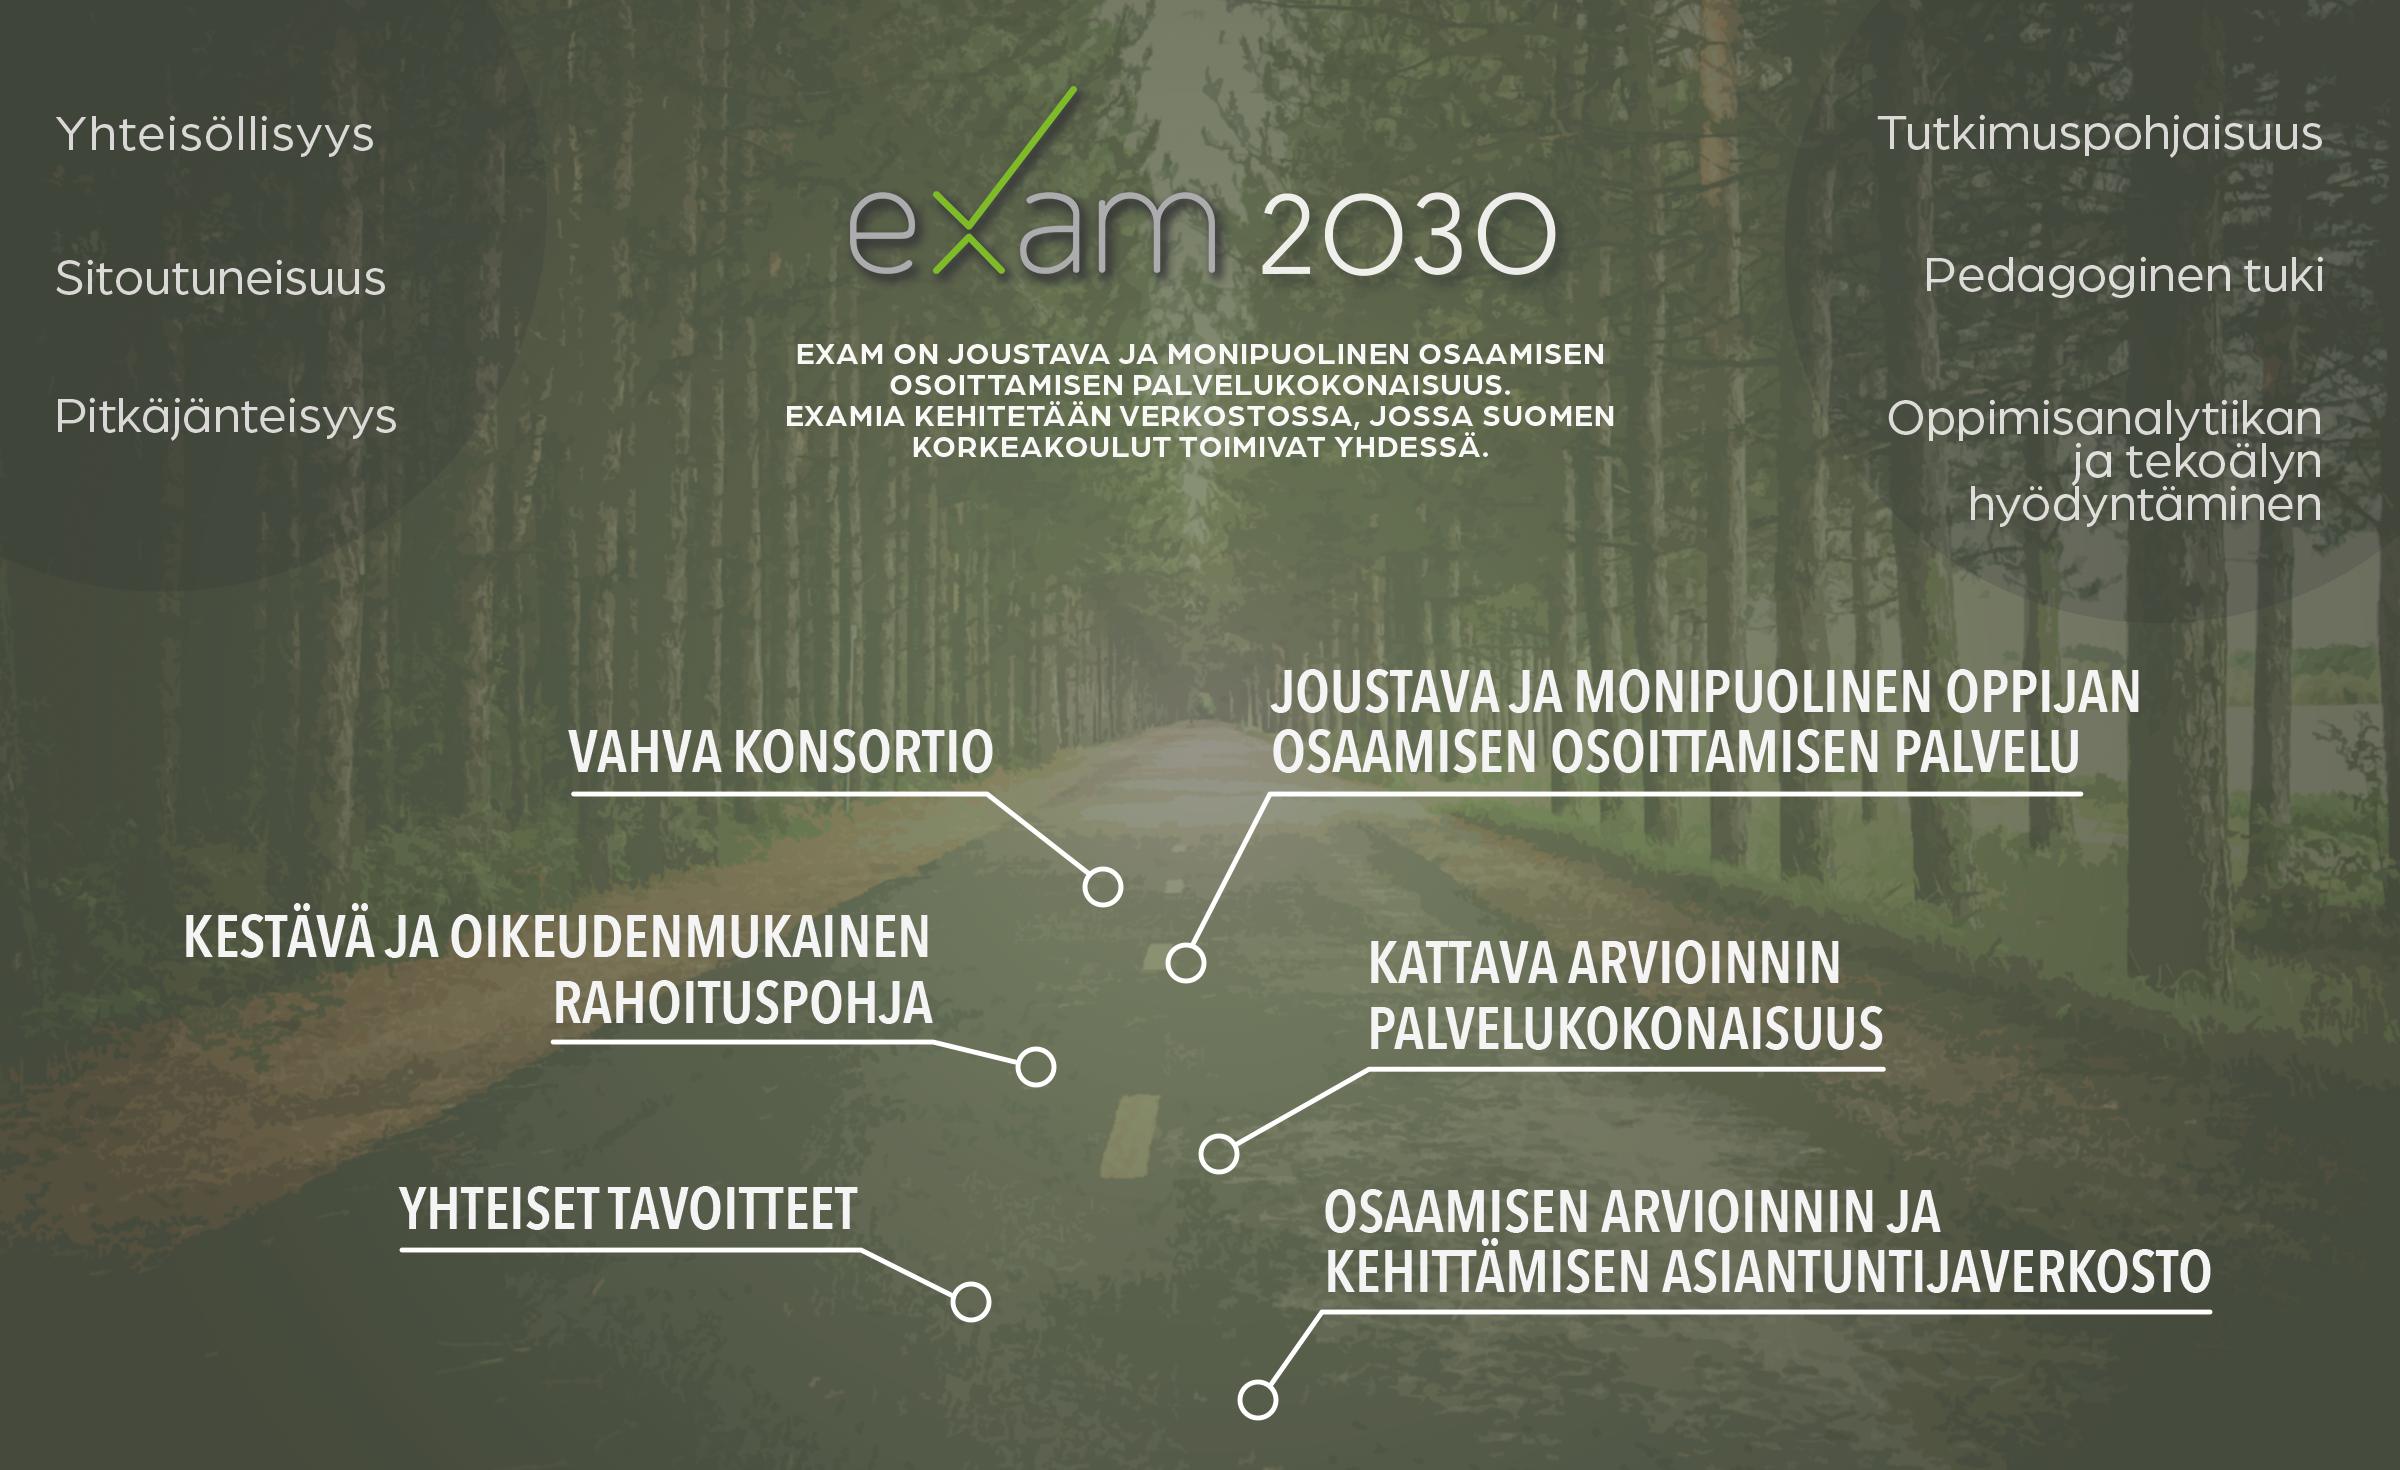 EXAM 2030 -vision infografiikka, joka avataan alla tekstinä. Ylhäällä EXAM visiolause ja reunoilla arvot. Taustalla puiden reunustama tie, johon tavoitteet on aseteltu järjestyksessä.